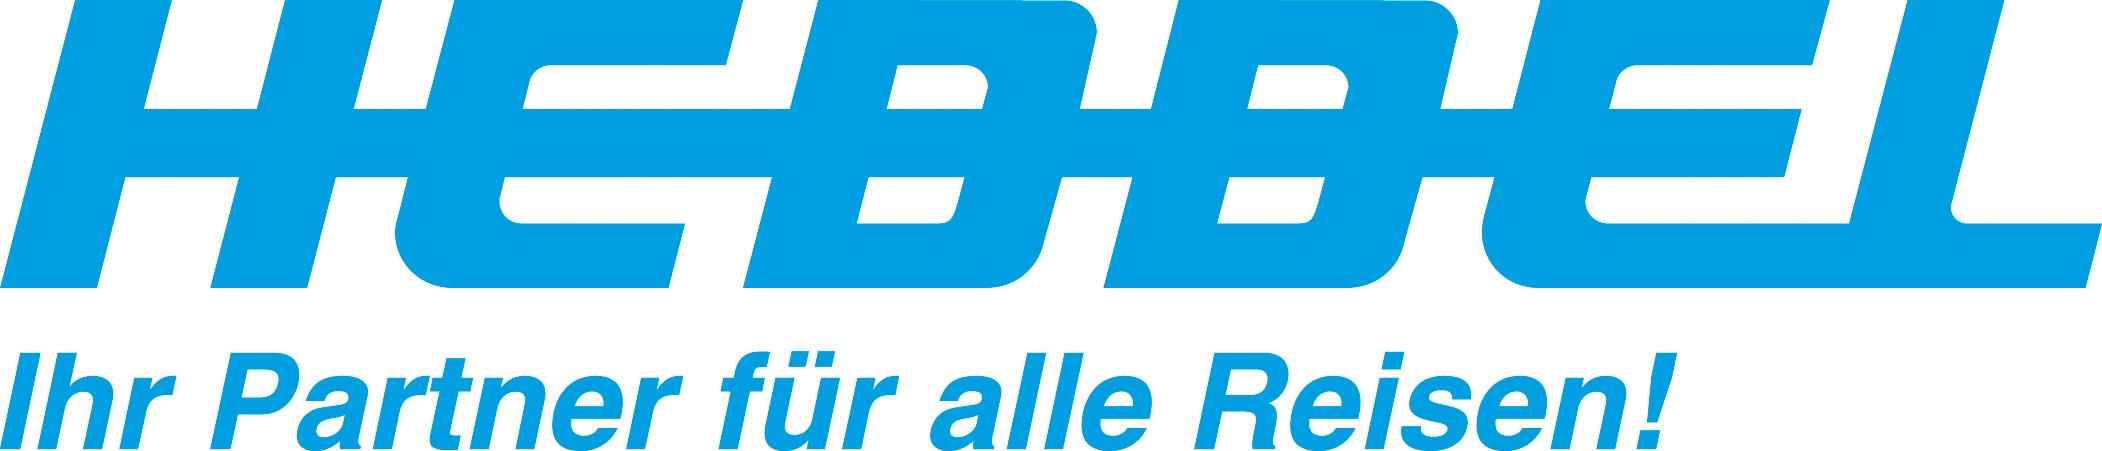 Reisebüro Hebbel Leverkusen-Schlebusch